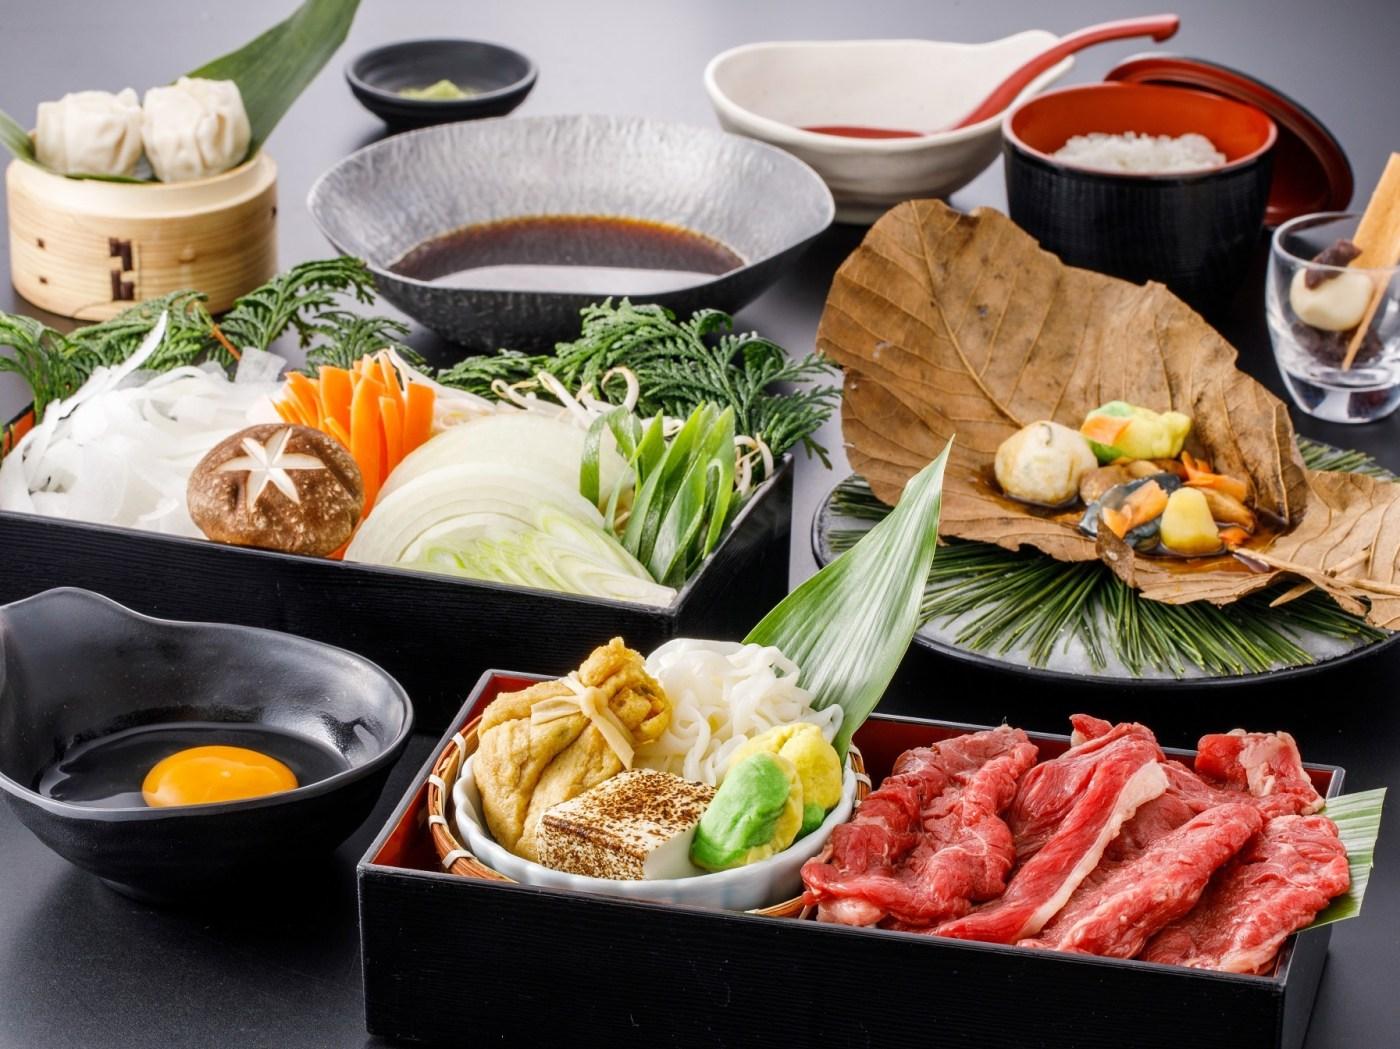 京野菜と牛肉のすき焼き膳